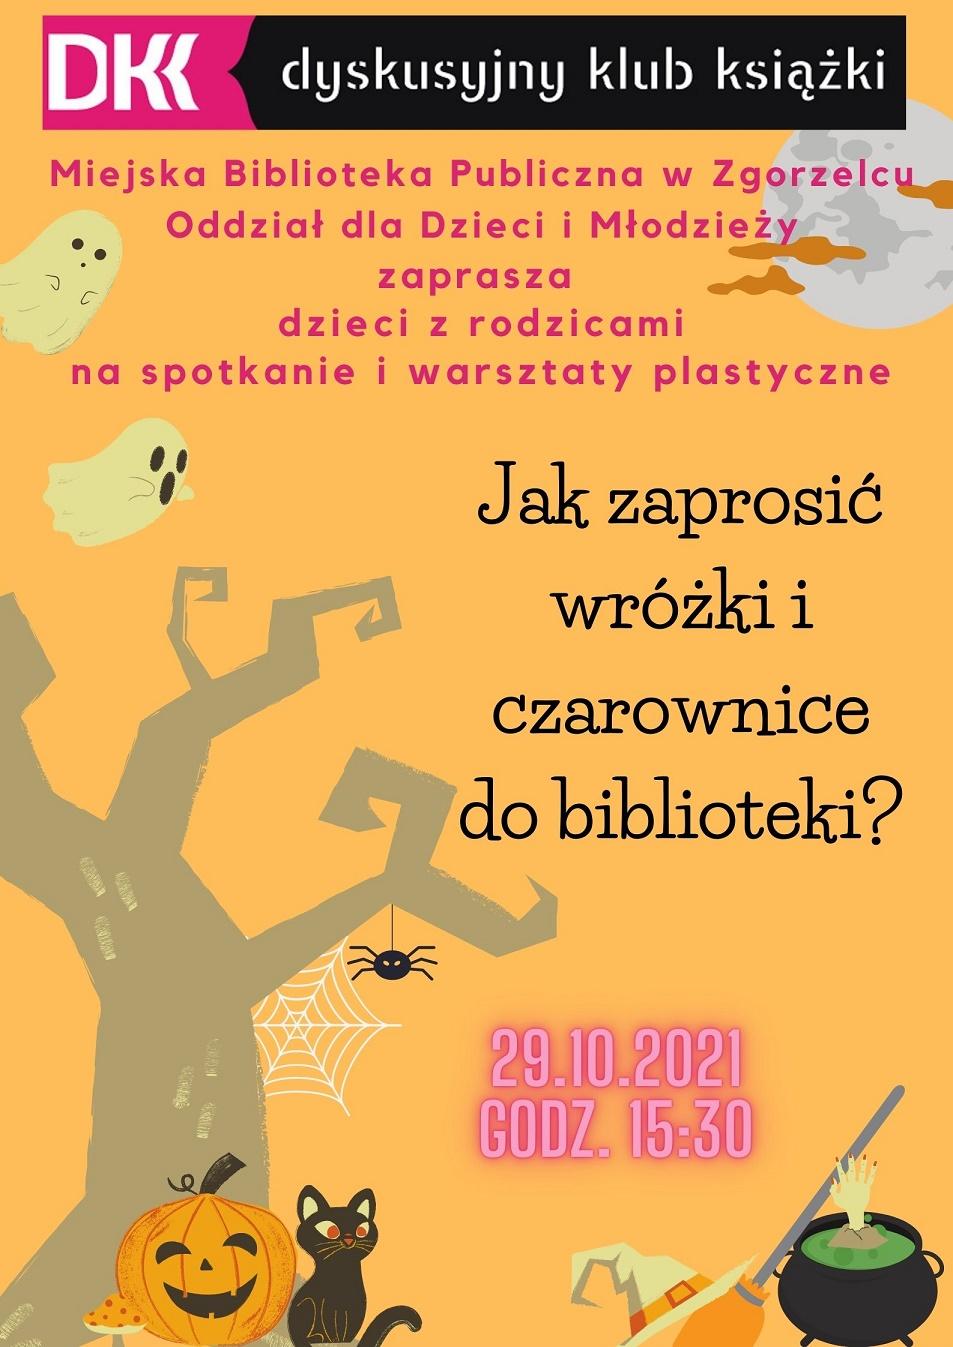 Spotkanie DKK dla dzieci i rodziców 29-10-2021